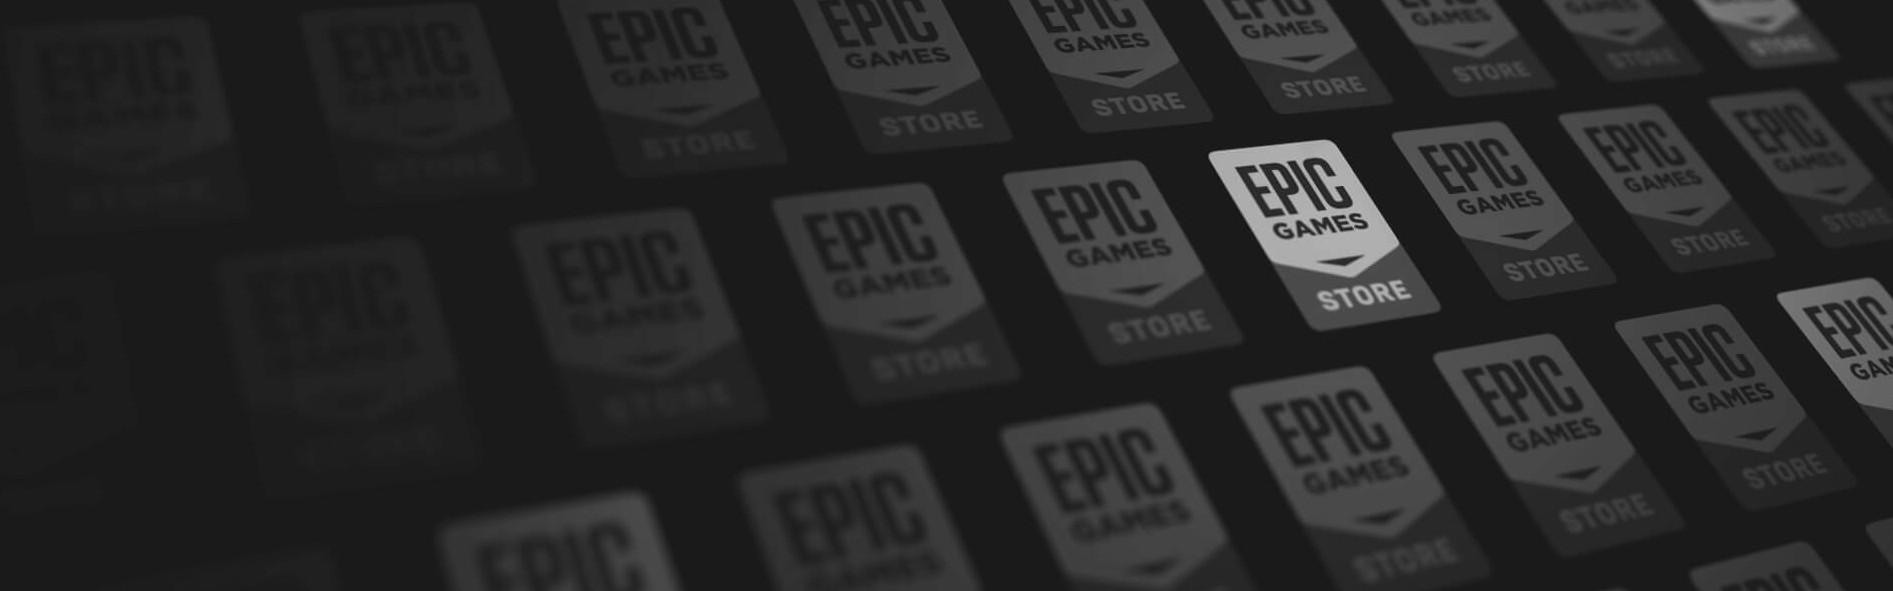 Epic商城官方公告:MOD模组和成